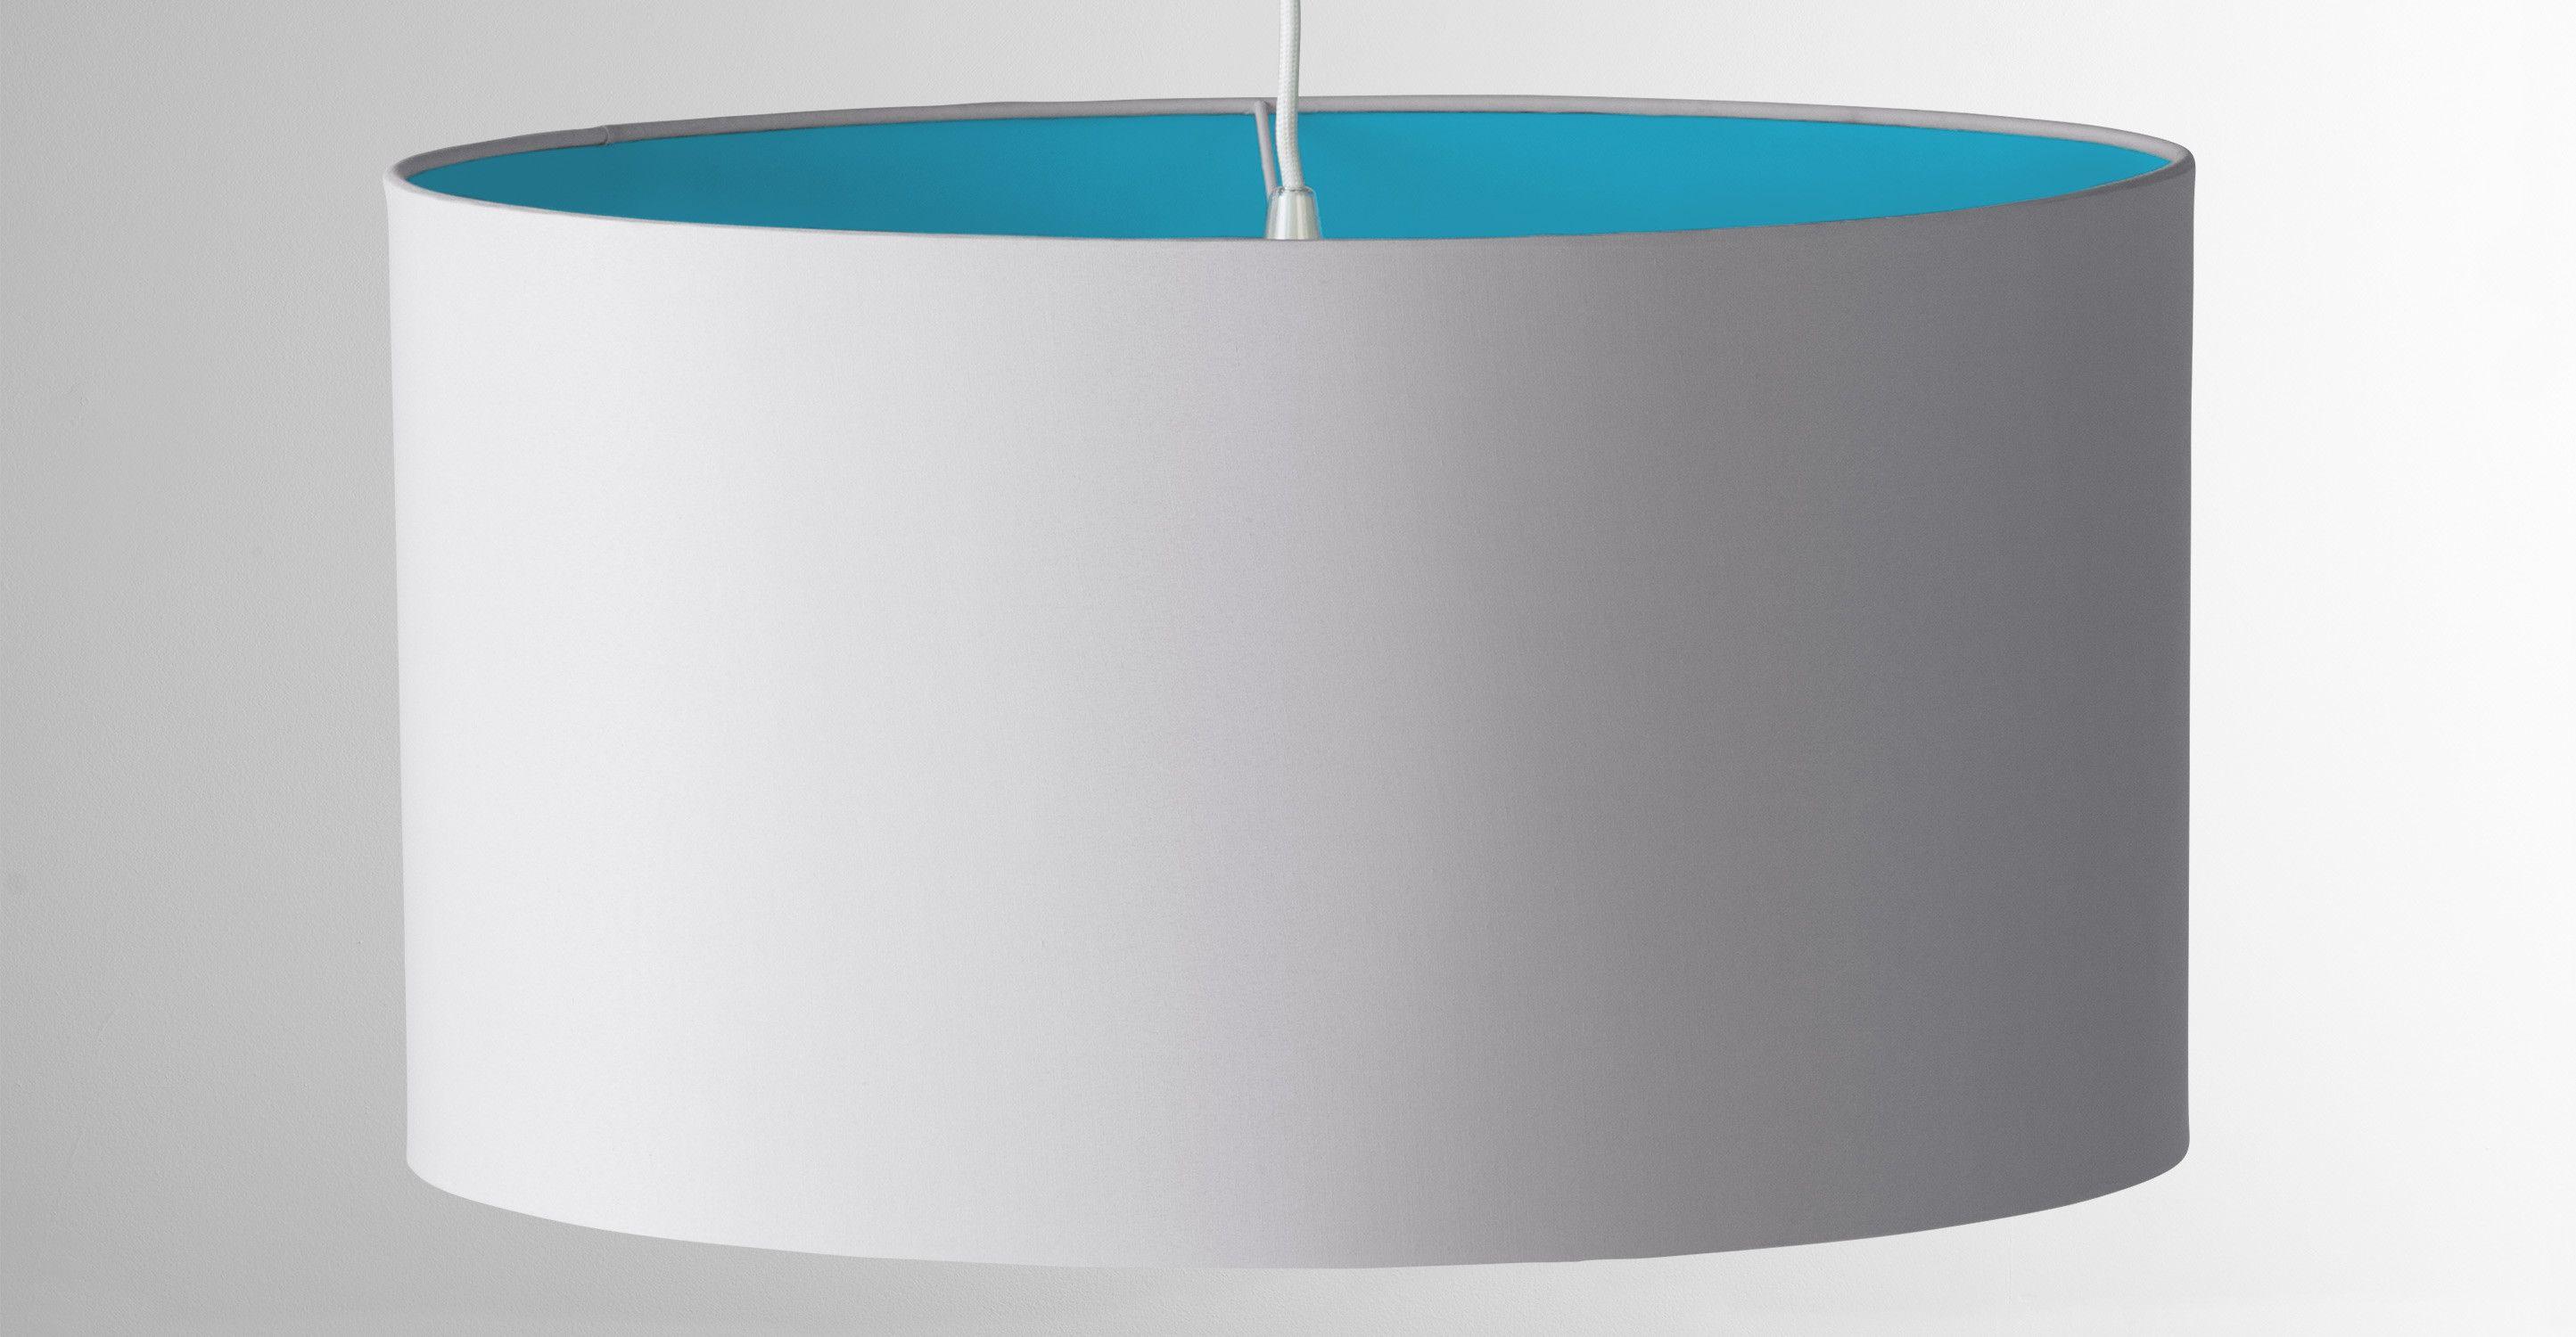 Lampenschirm Schlafzimmer ~ May lampenschirm cm neonblau lampenschirme und badezimmer